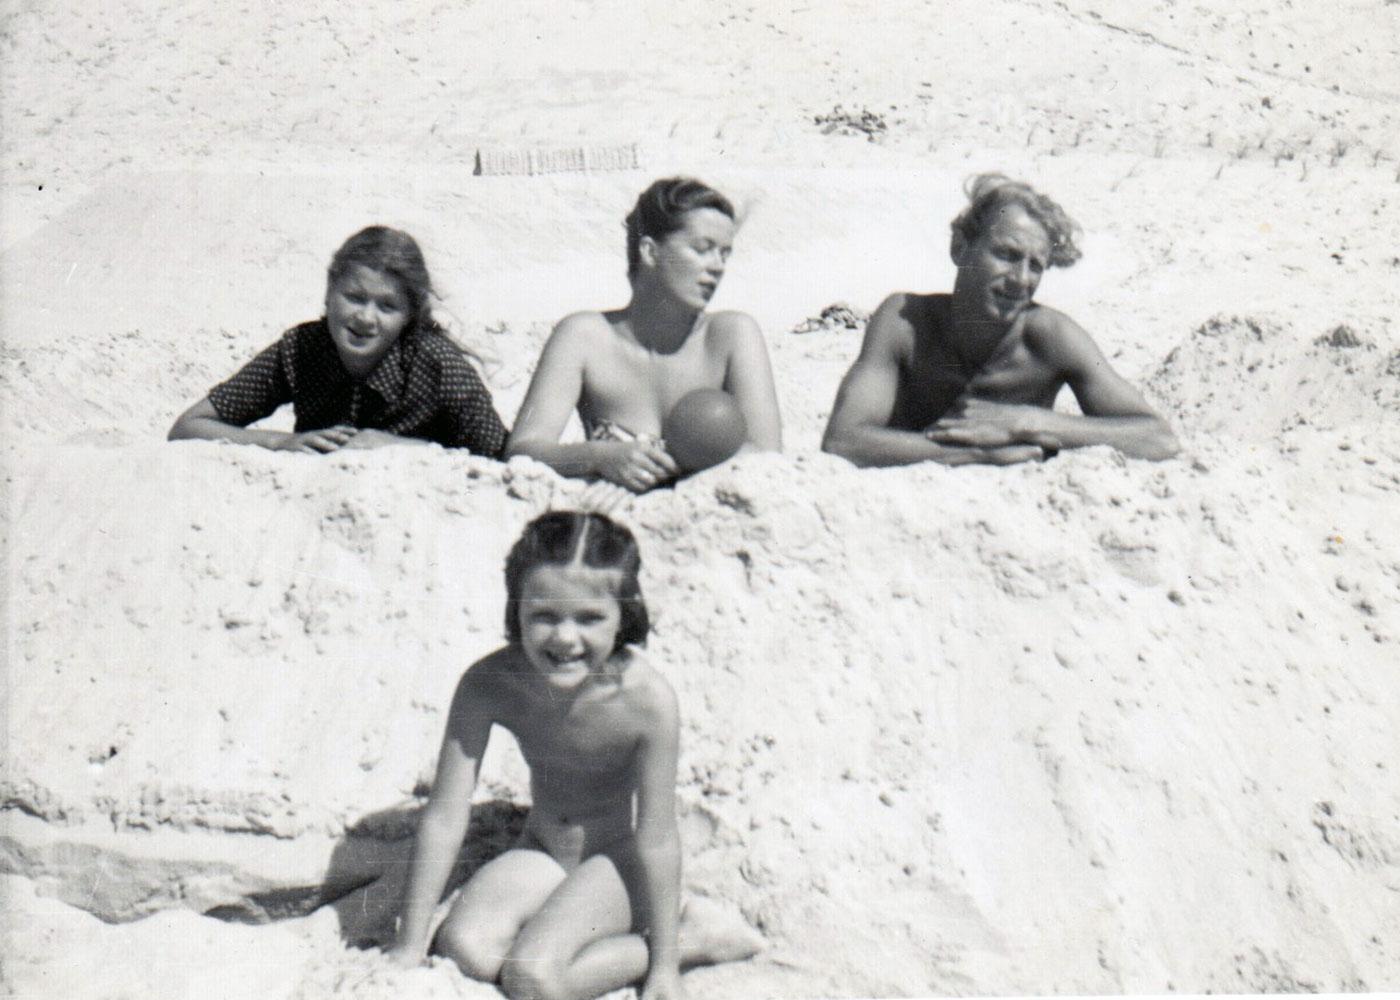 Erste Ehe • Sylt • 1953 • von links Marleen, erste Ehefrau Lisel, Rudolf Alexander und im Vordergrund Iris Agricola